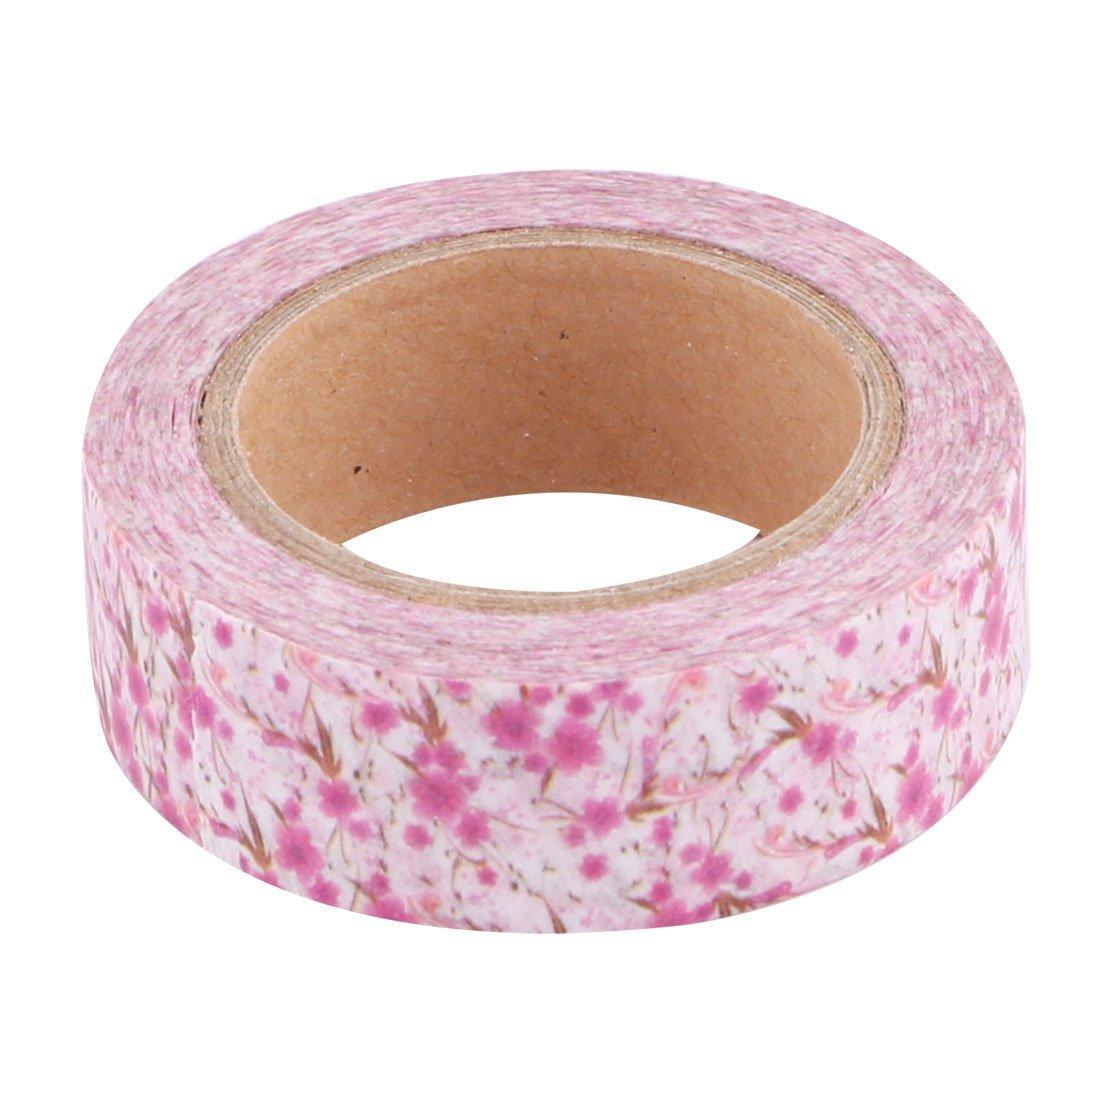 Amazon.com: eDealMax Estampado de Flores de la Familia de bricolaje Libro álbum de fotos Decoración Masking Tape Washi Rollo 10M Longitud 2pcs Fucsia: ...